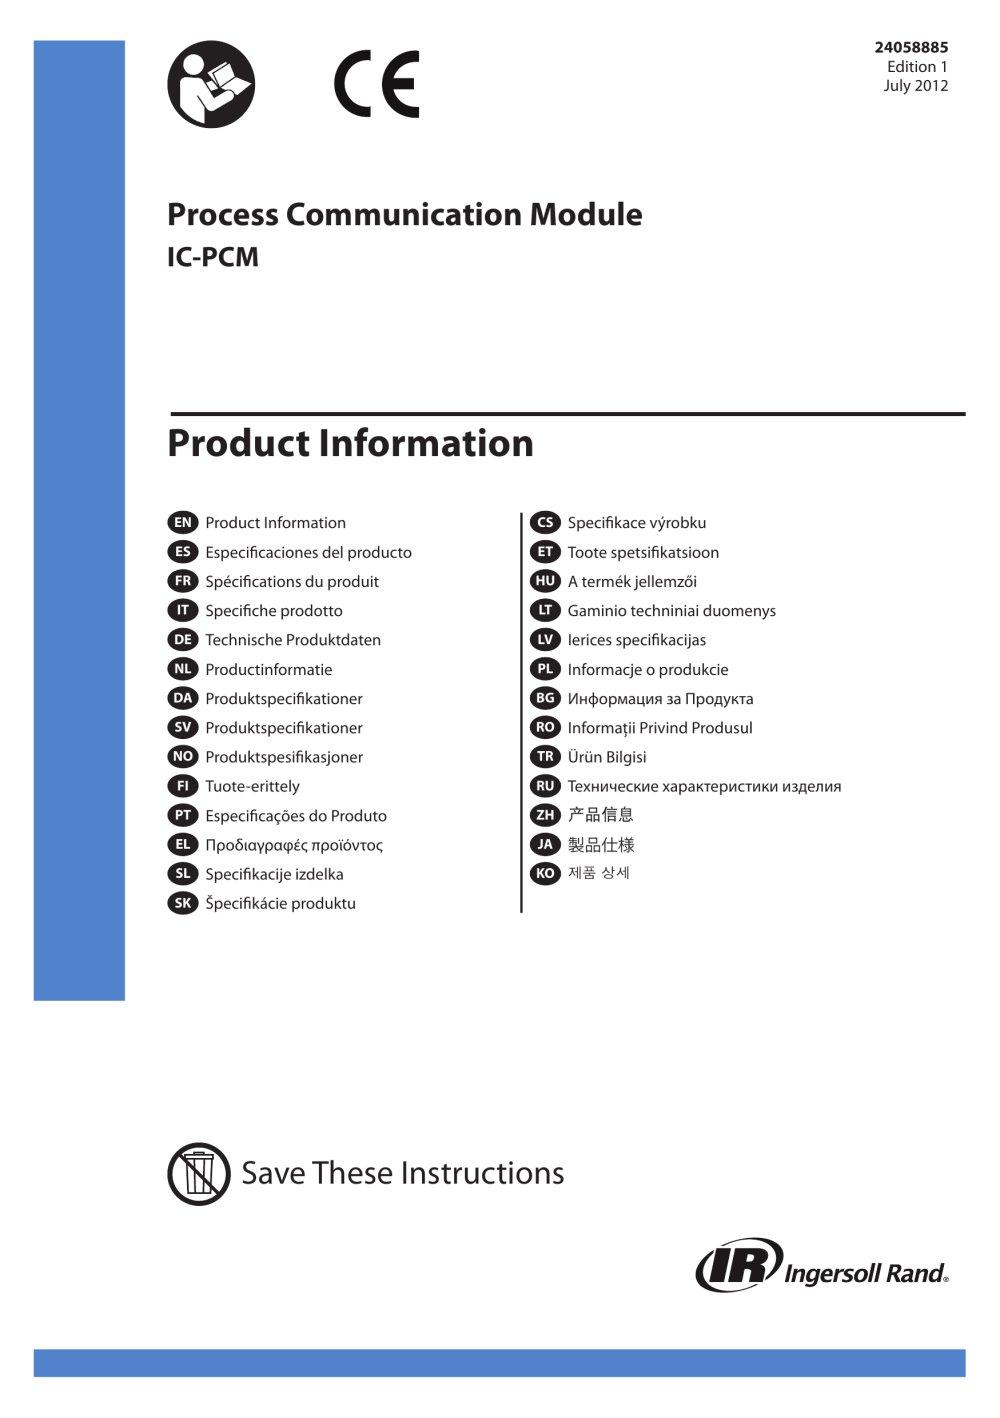 Process Communication Module IC-PCM - 1 / 20 Pages